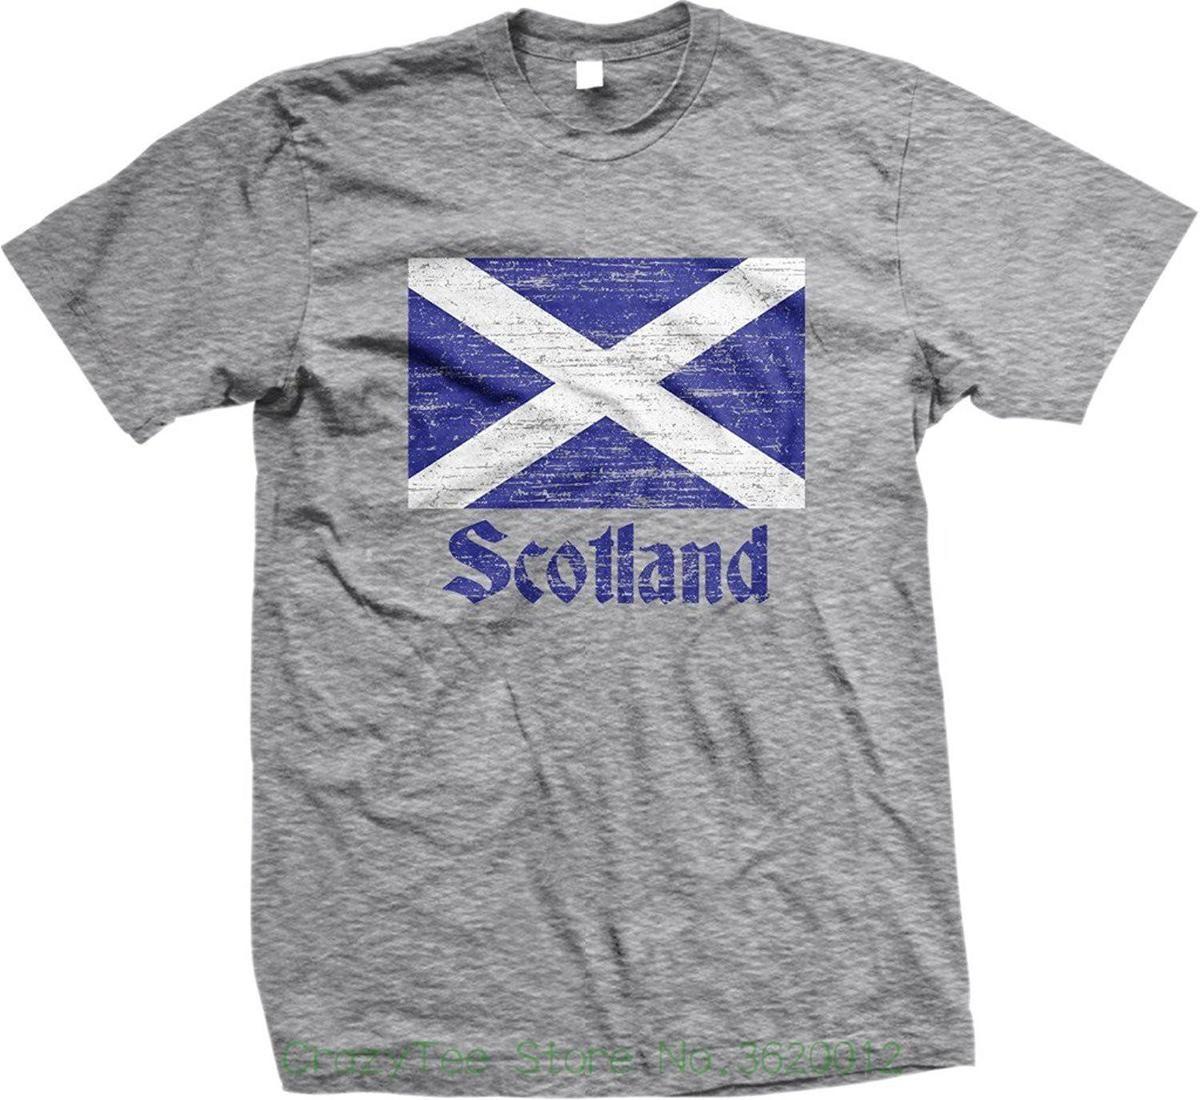 b0a869c9c8f Compre Rude Top Tee Cuello Redondo Bandera De Escocia, Bandera Escocesa,  Camiseta Para Hombre Saltire, Nofo Clothing Co. A $15.53 Del Liguo003    DHgate.Com